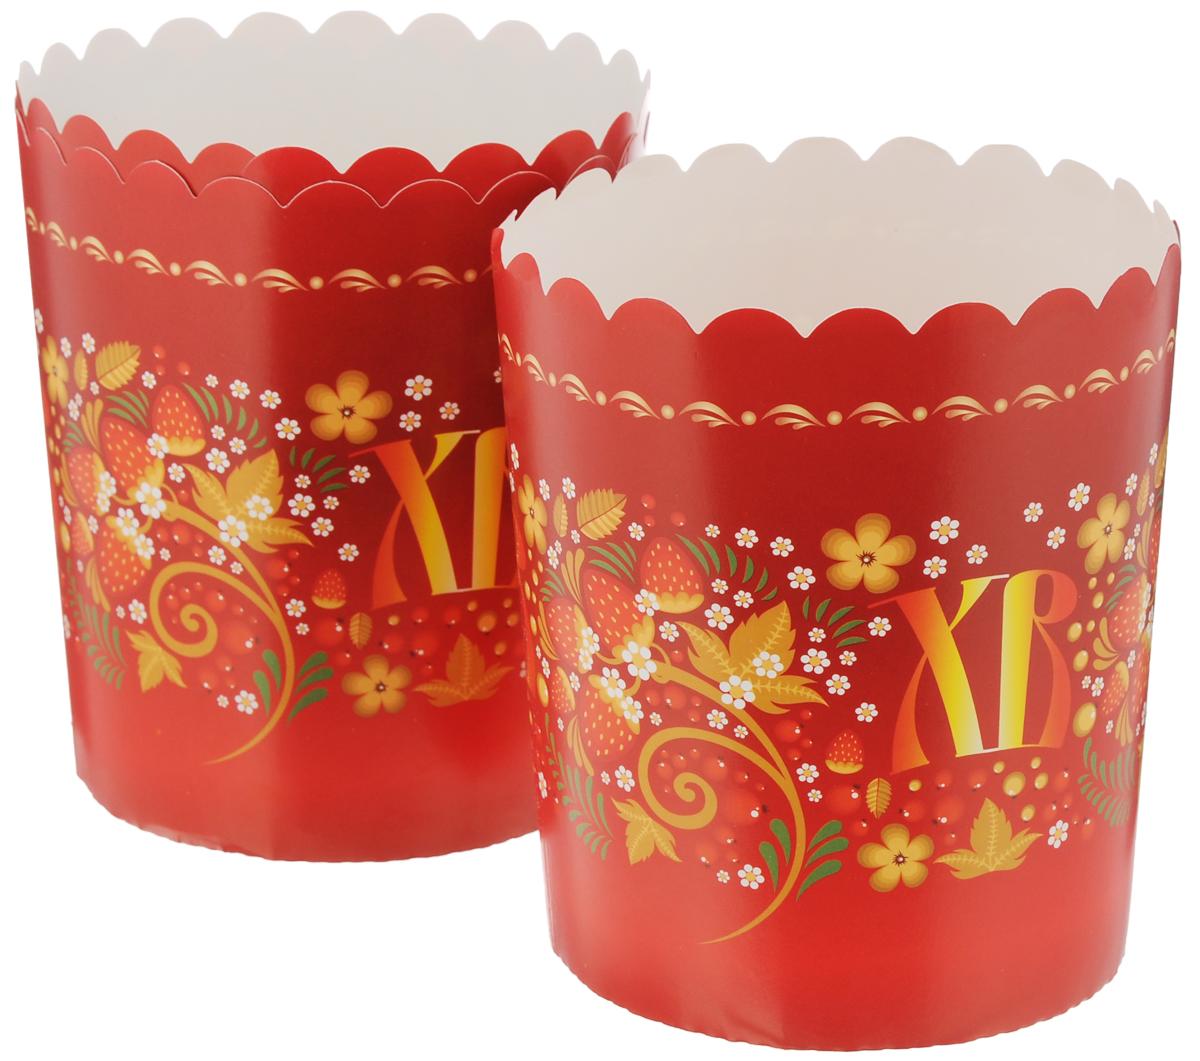 Набор форм для выпечки кексов Home Queen Пасхальные куличи, 3 шт69939Формы Home Queen Пасхальные куличи изготовлены из бумаги с ПЭТ покрытием. Они используются для приготовления куличей, а также другой выпечки. Изделия декорированы яркими рисунками. С такими формами вы всегда сможете порадовать своих близких оригинальной выпечкой. Диаметр формы (по верхнему краю): 12 см. Высота: 13,5 см.